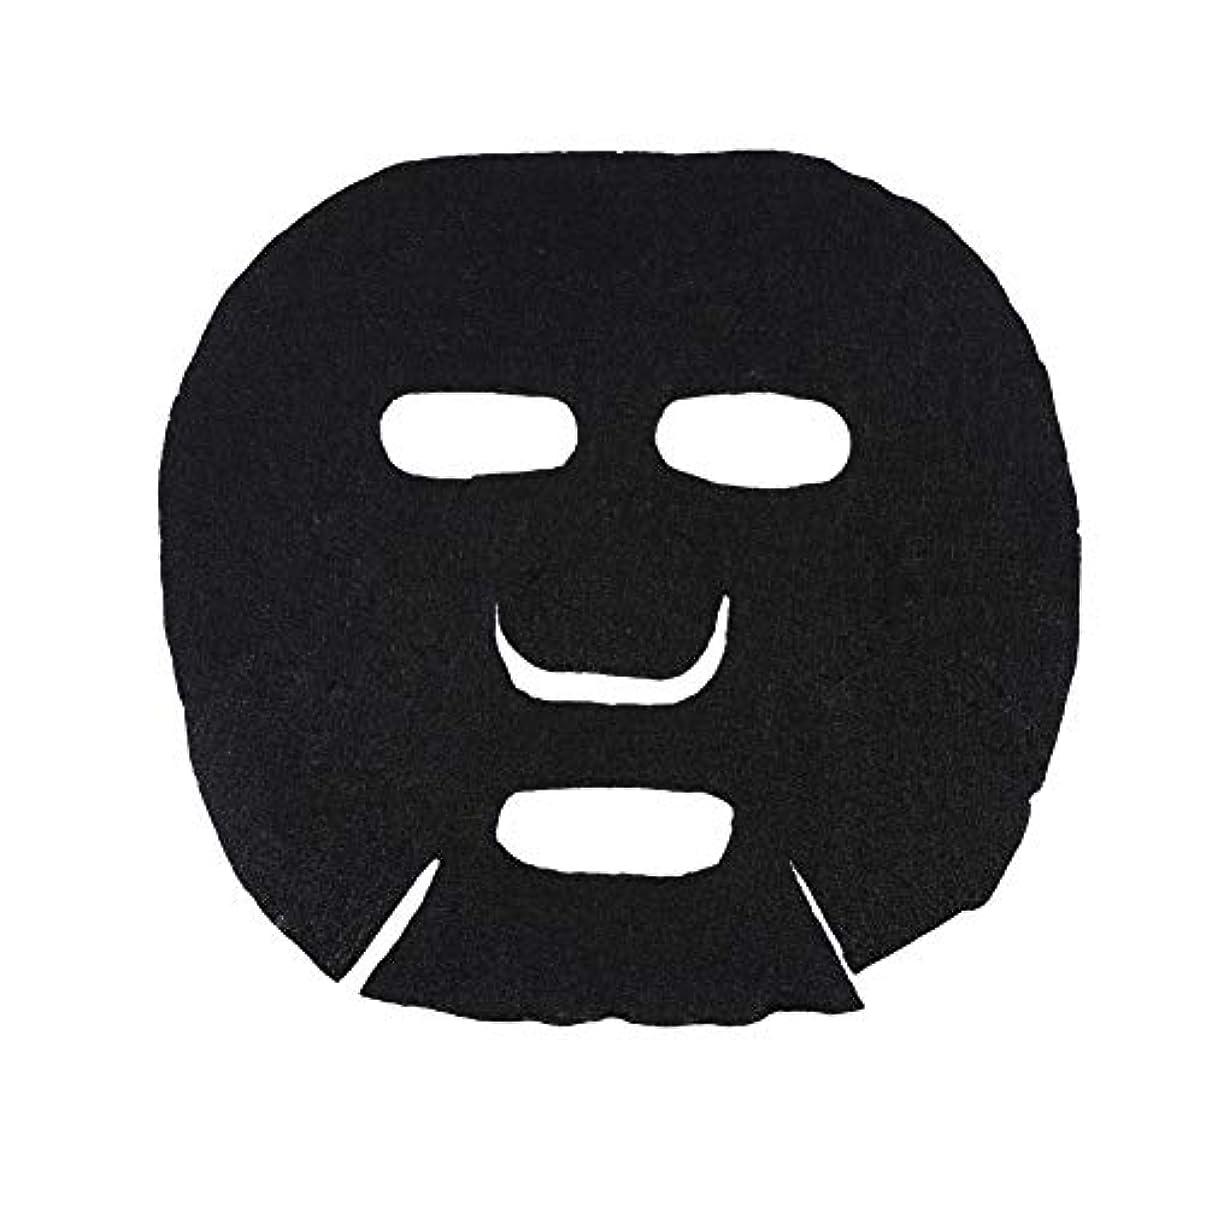 然としたプラカードであること30Pcs / 40Pcsマスク紙、マスク紙綿、スキンフェイスケアDIYフェイシャルペーパーコンプレスマスクマスクナチュラルコットンスキンケアマスクDIYシートマスク(30pcs)